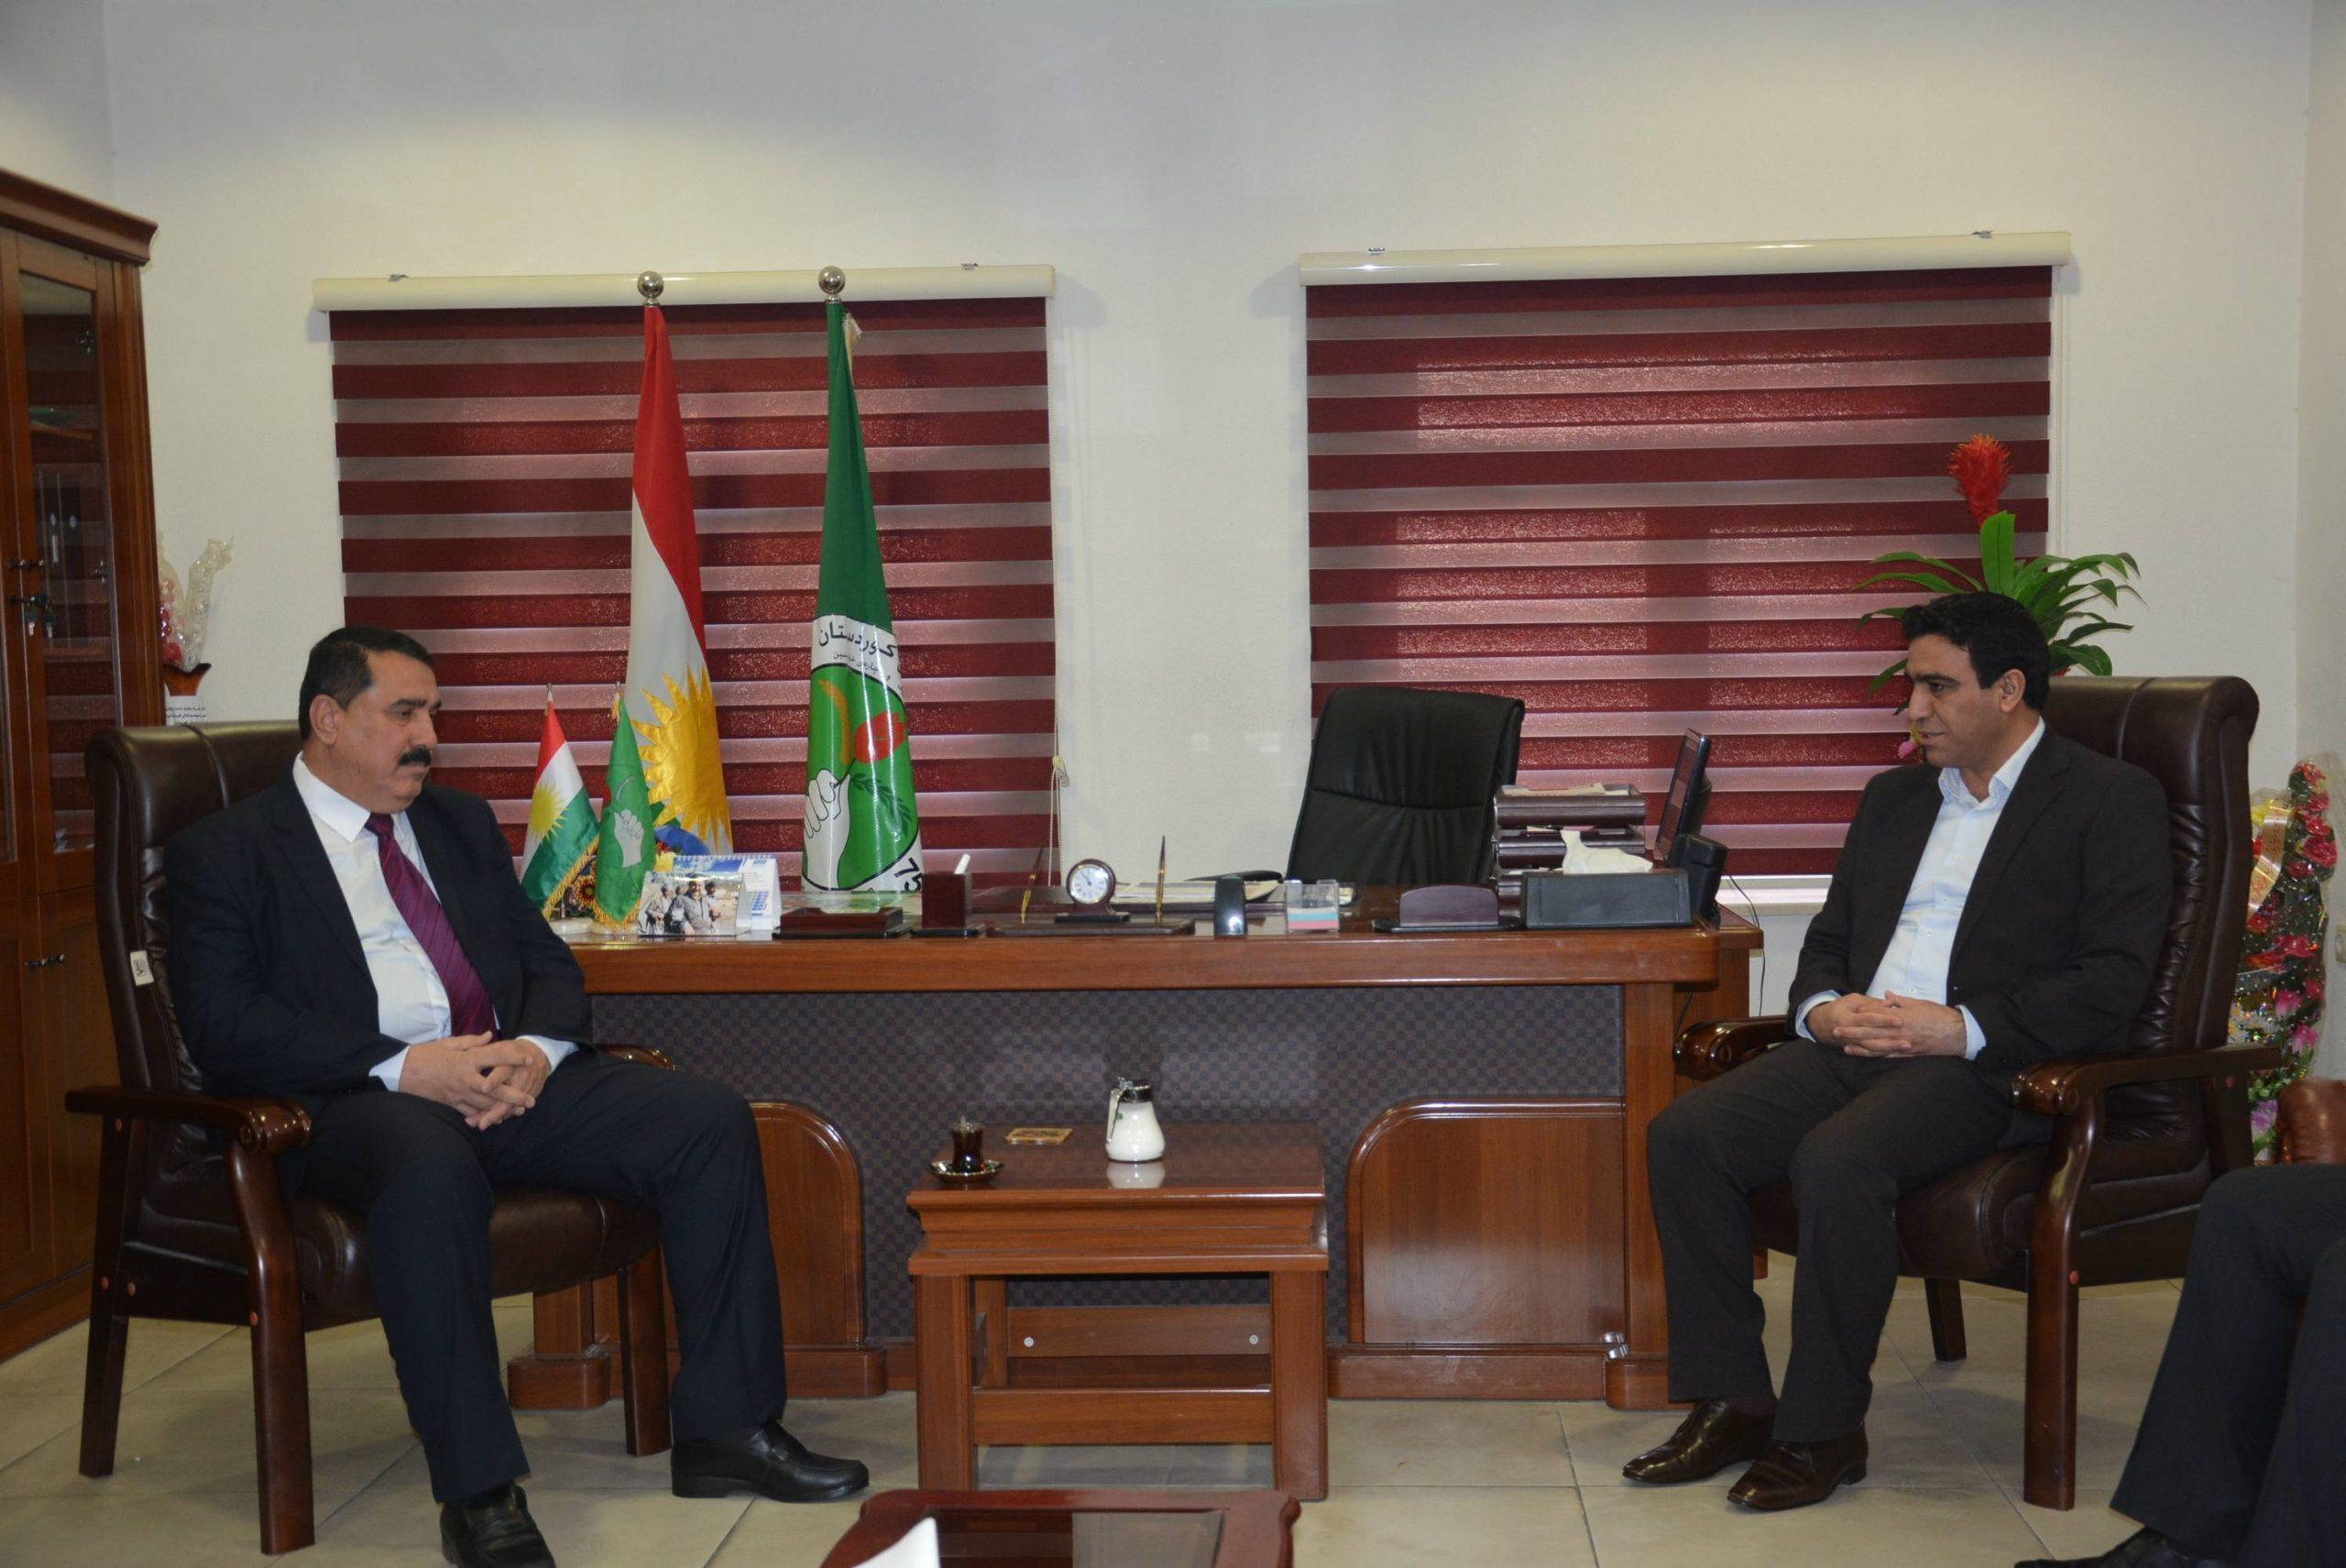 Photo of وفد من ممثلية حزبنا يزور مكتب العلاقات العامة للاتحاد الوطني الكردستاني بالسليمانية